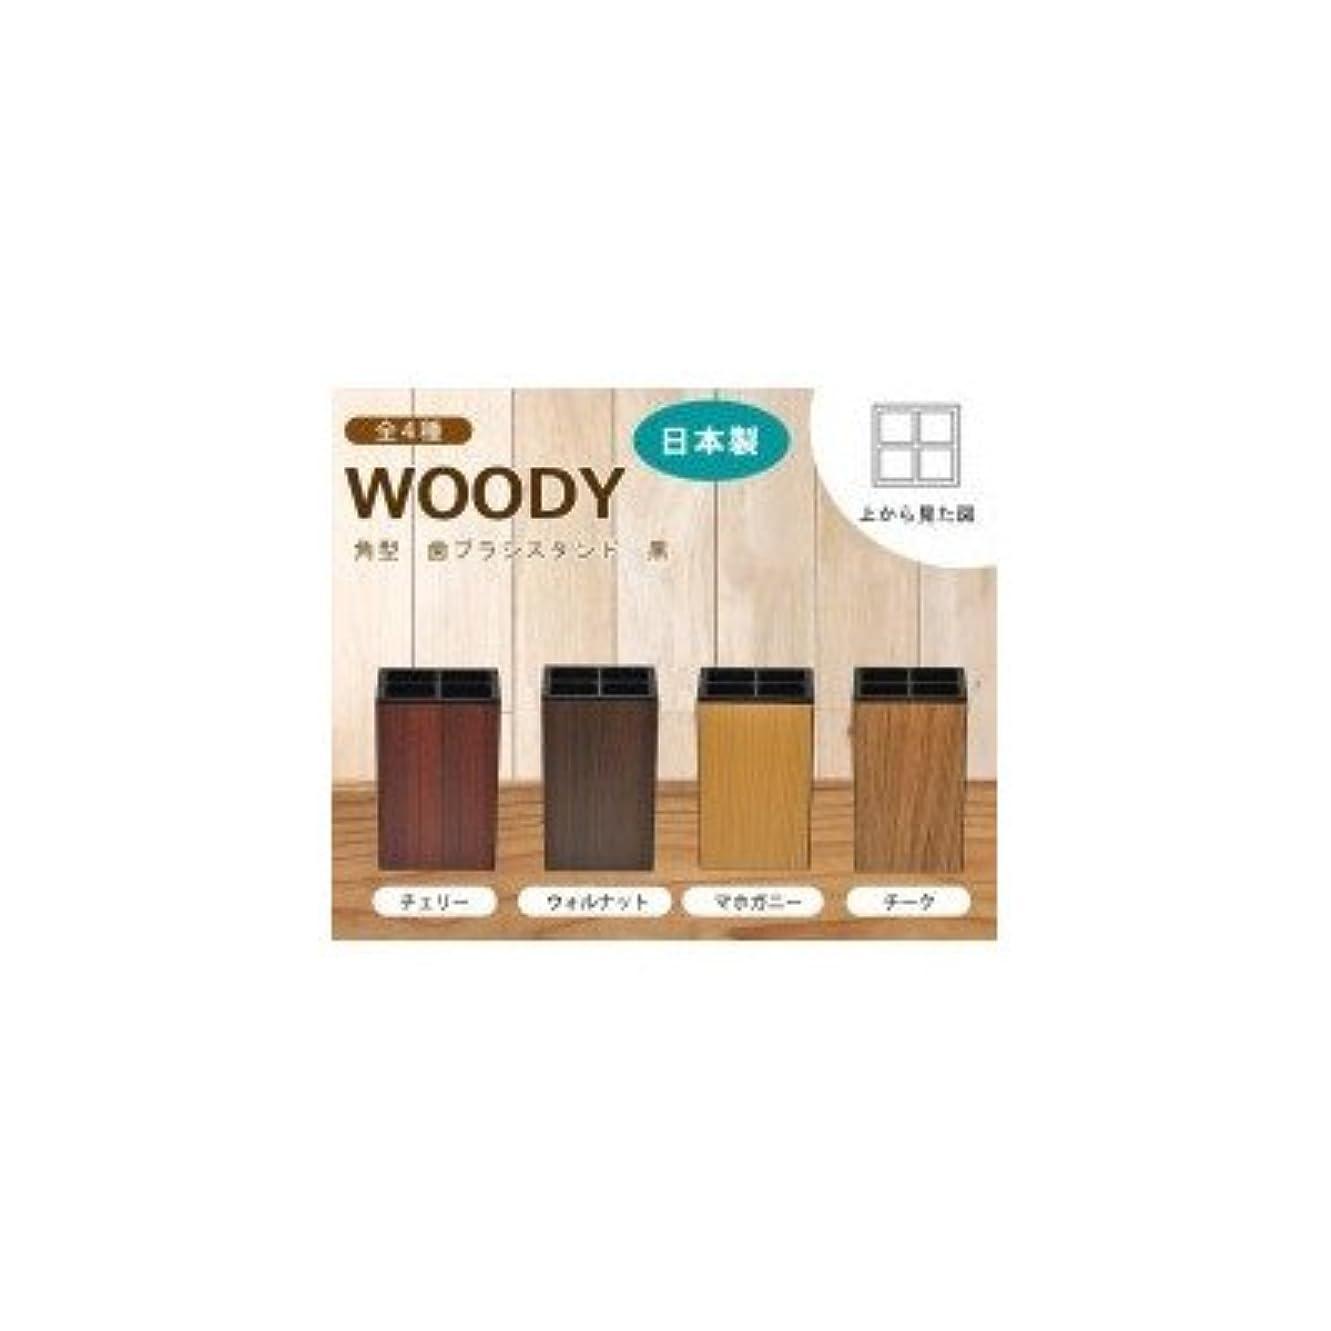 保有者コモランマファセット日本製 WOODY ウッディ 角型 歯ブラシスタンド 黒 チーク?13-450369( 画像はイメージ画像です お届けの商品はチーク?13-450369のみとなります)